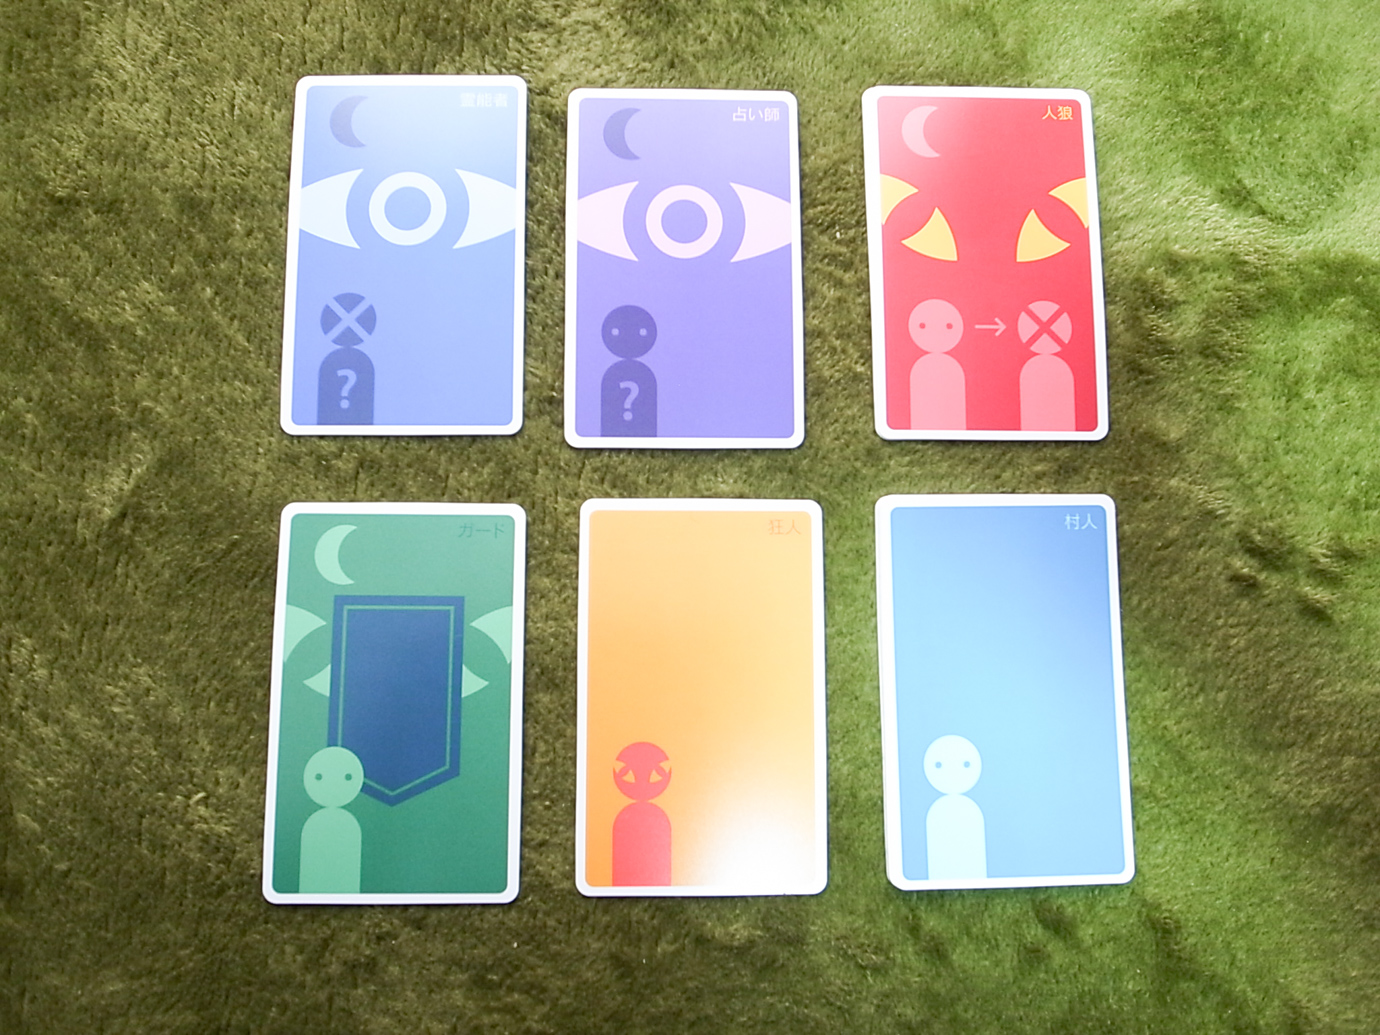 アート系ボードゲームのオインクゲームズの『オインクゲームズ展』に行ってきた!